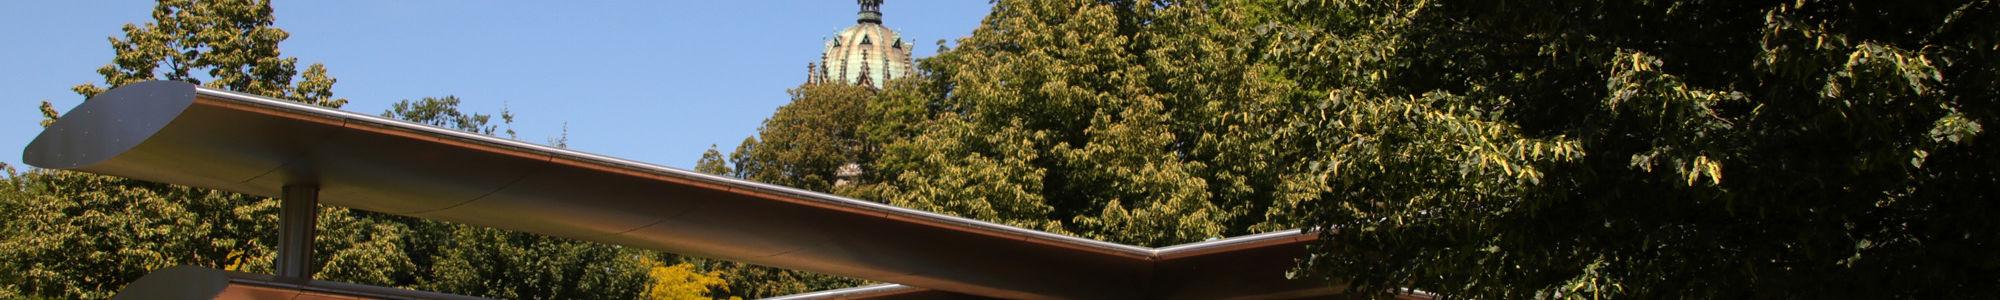 Kreuz im Luthergarten Wittenberg